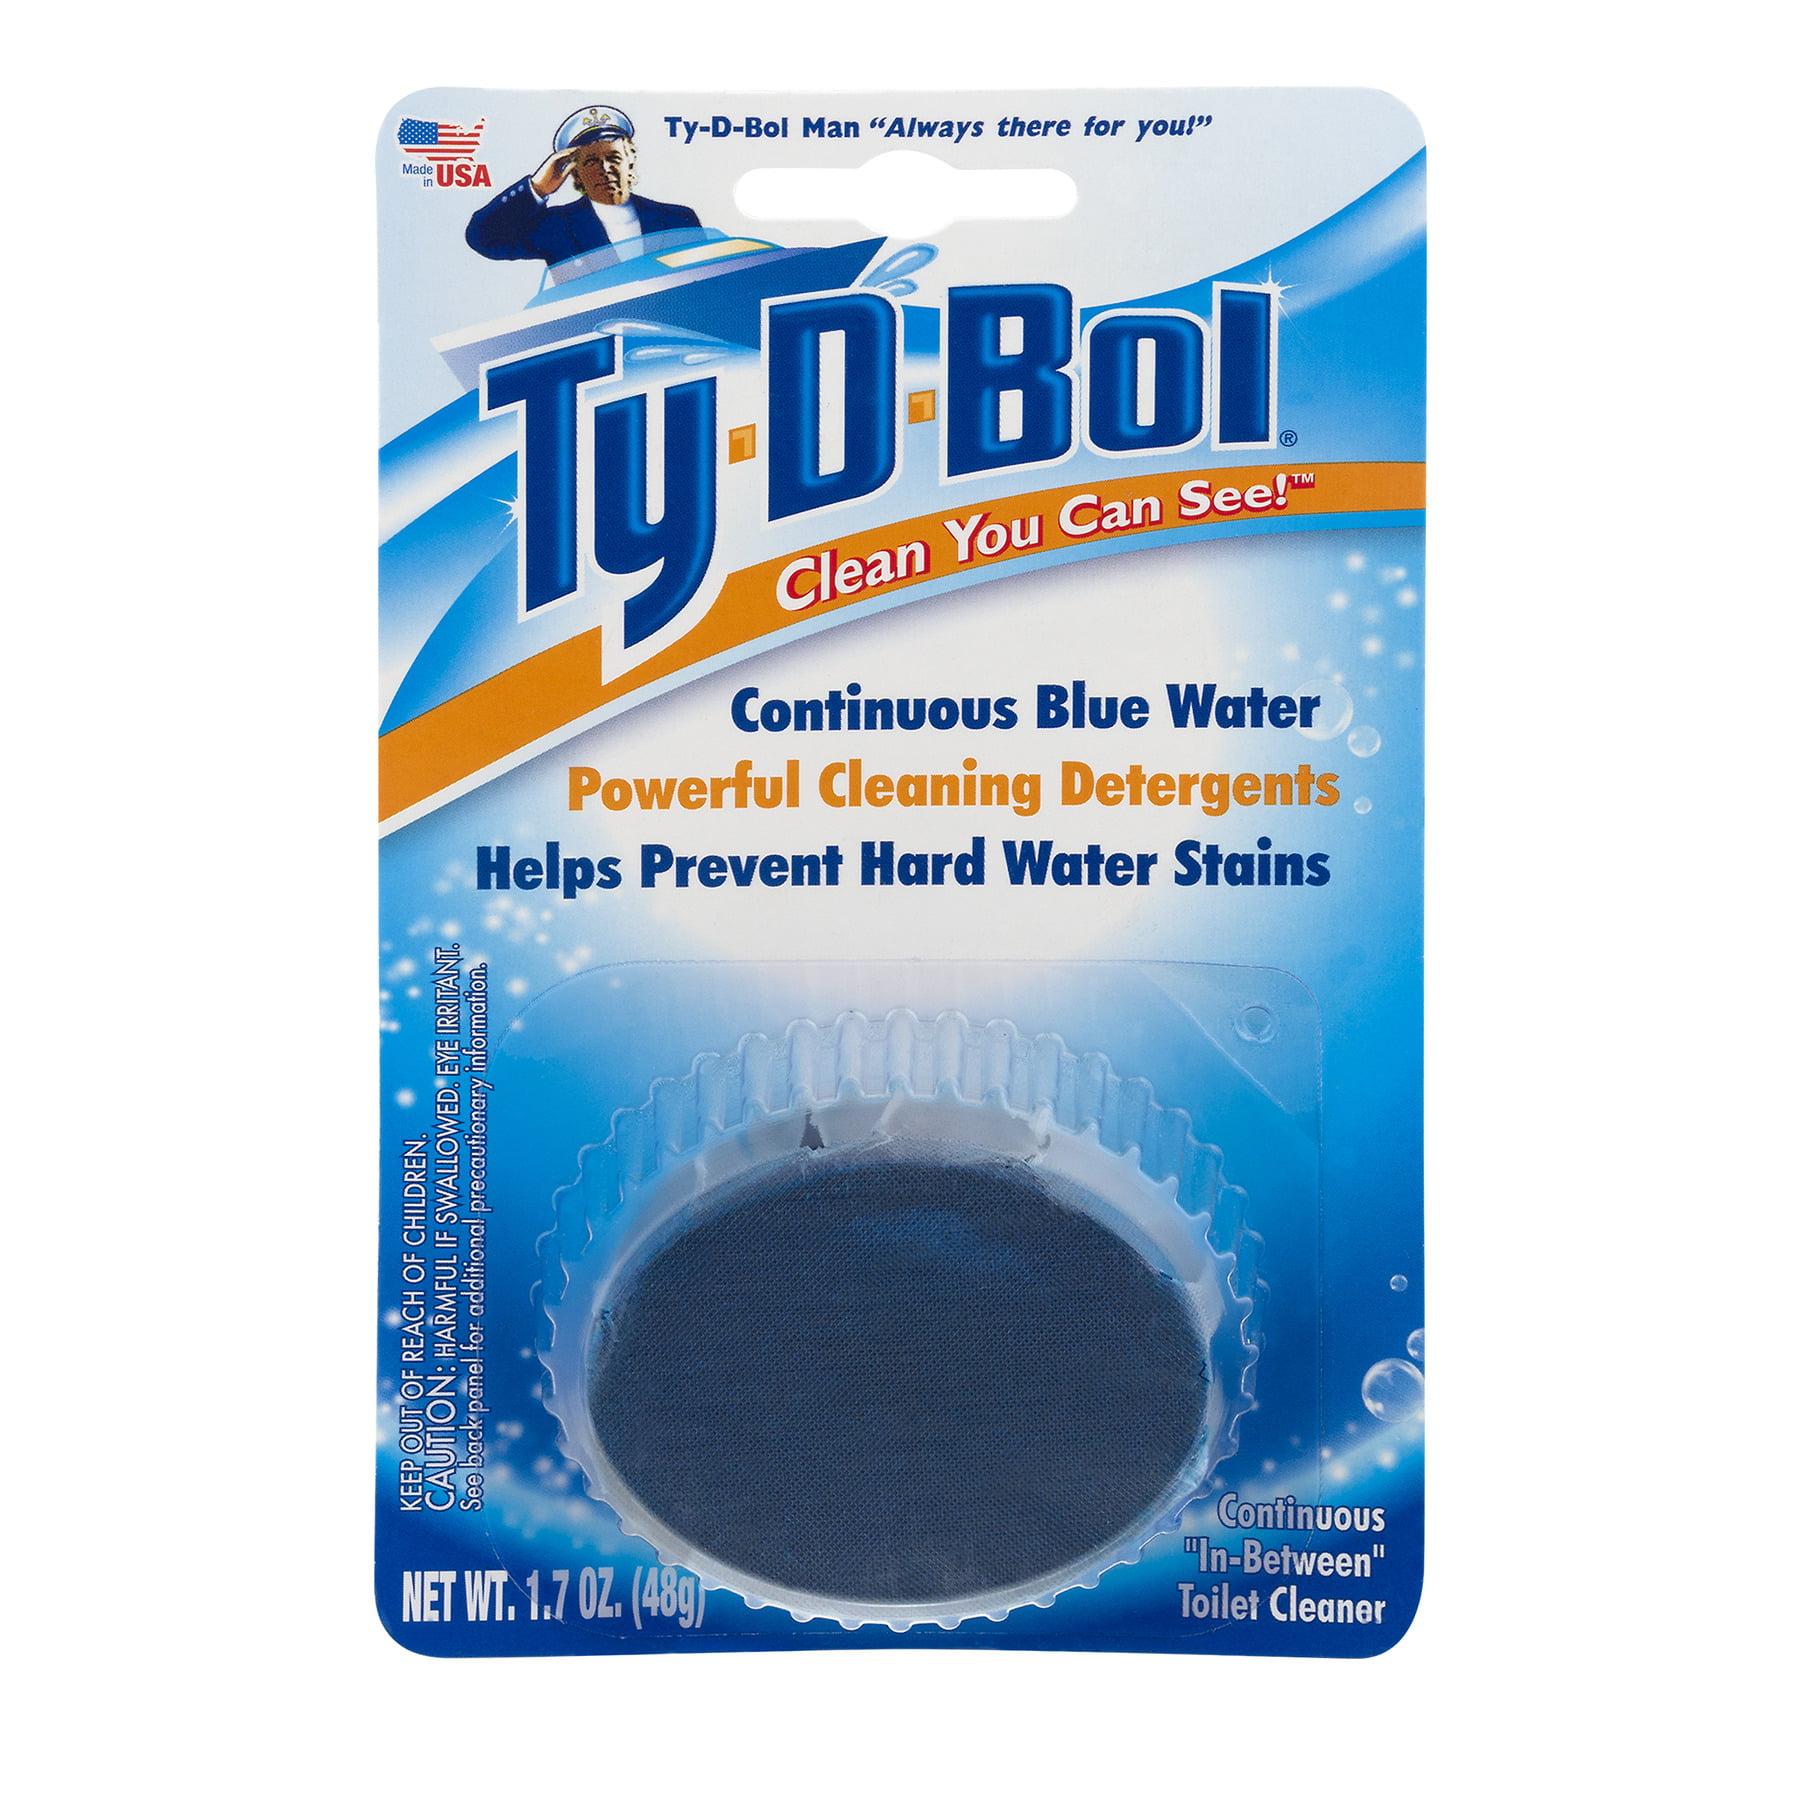 Ty-D-Bol Toilet Cleaner, 1.7 OZ